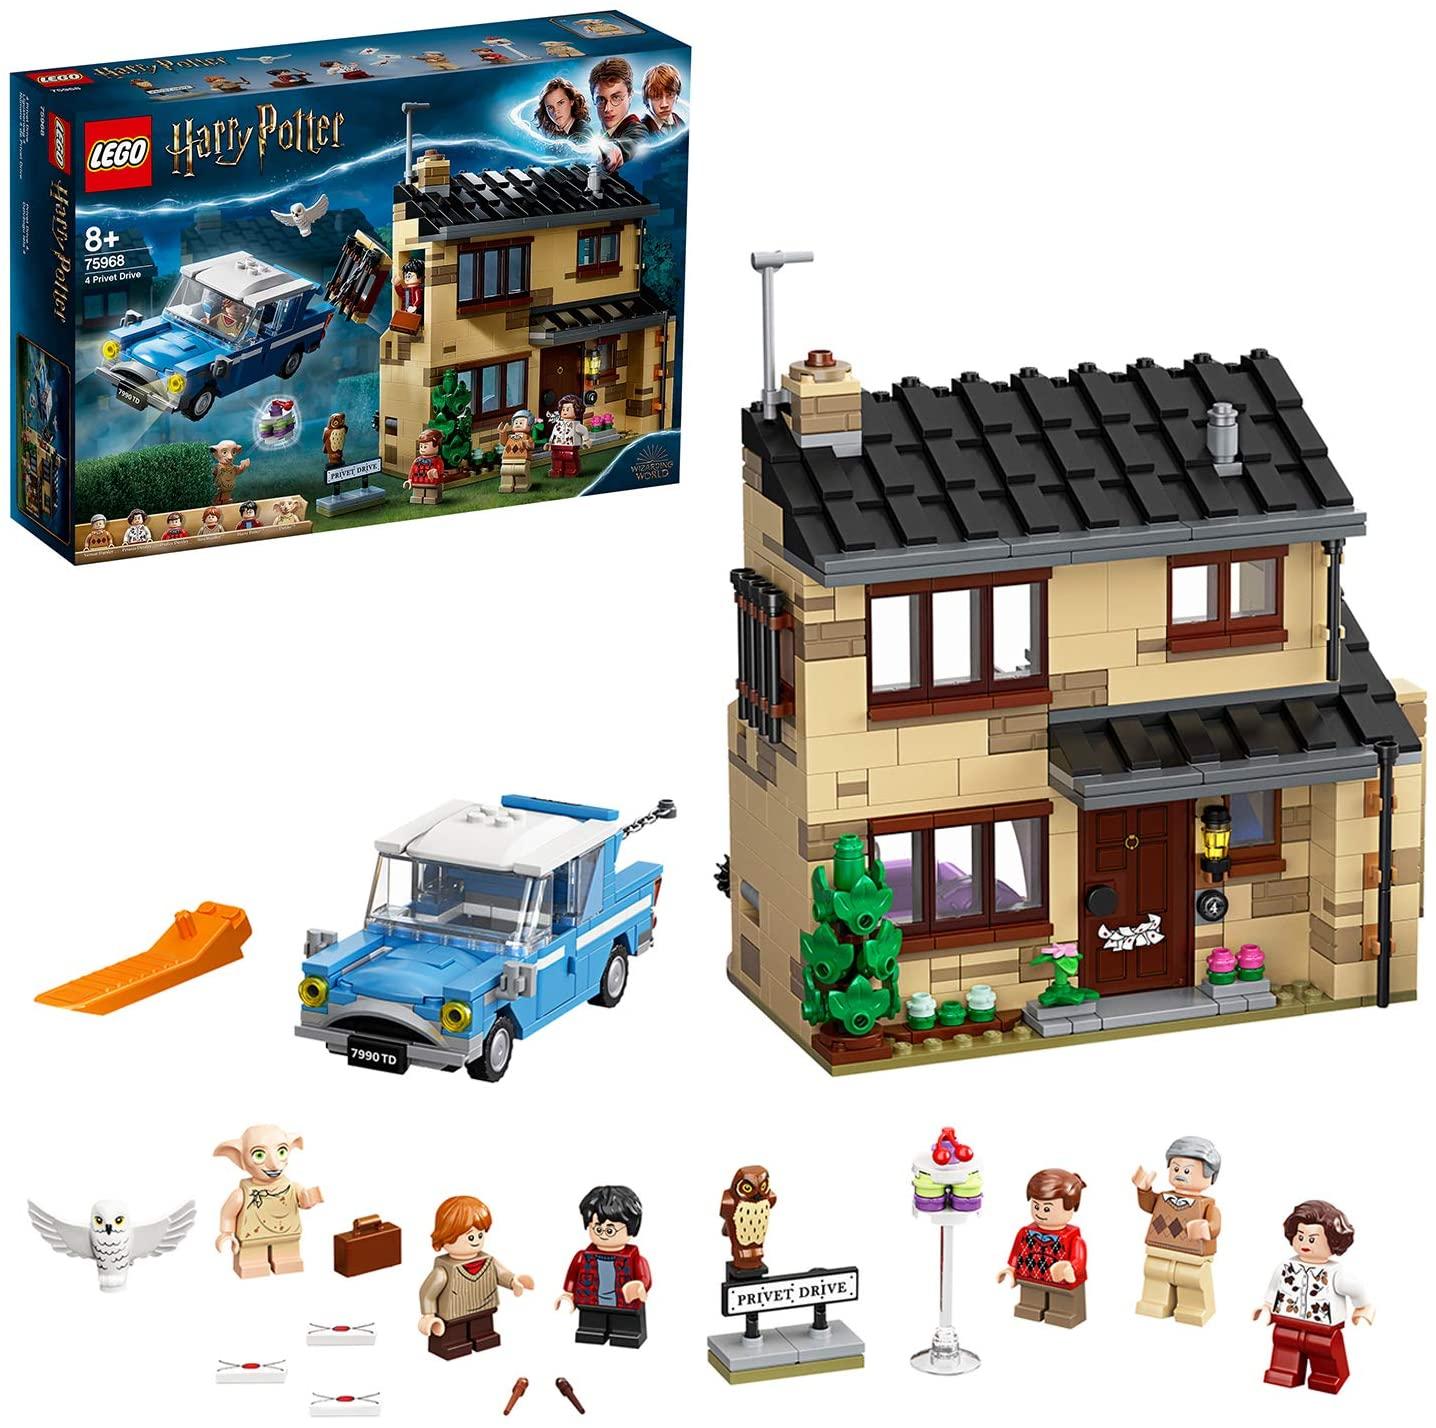 [amazon.de] LEGO 75968 Harry Potter Ligusterweg 4